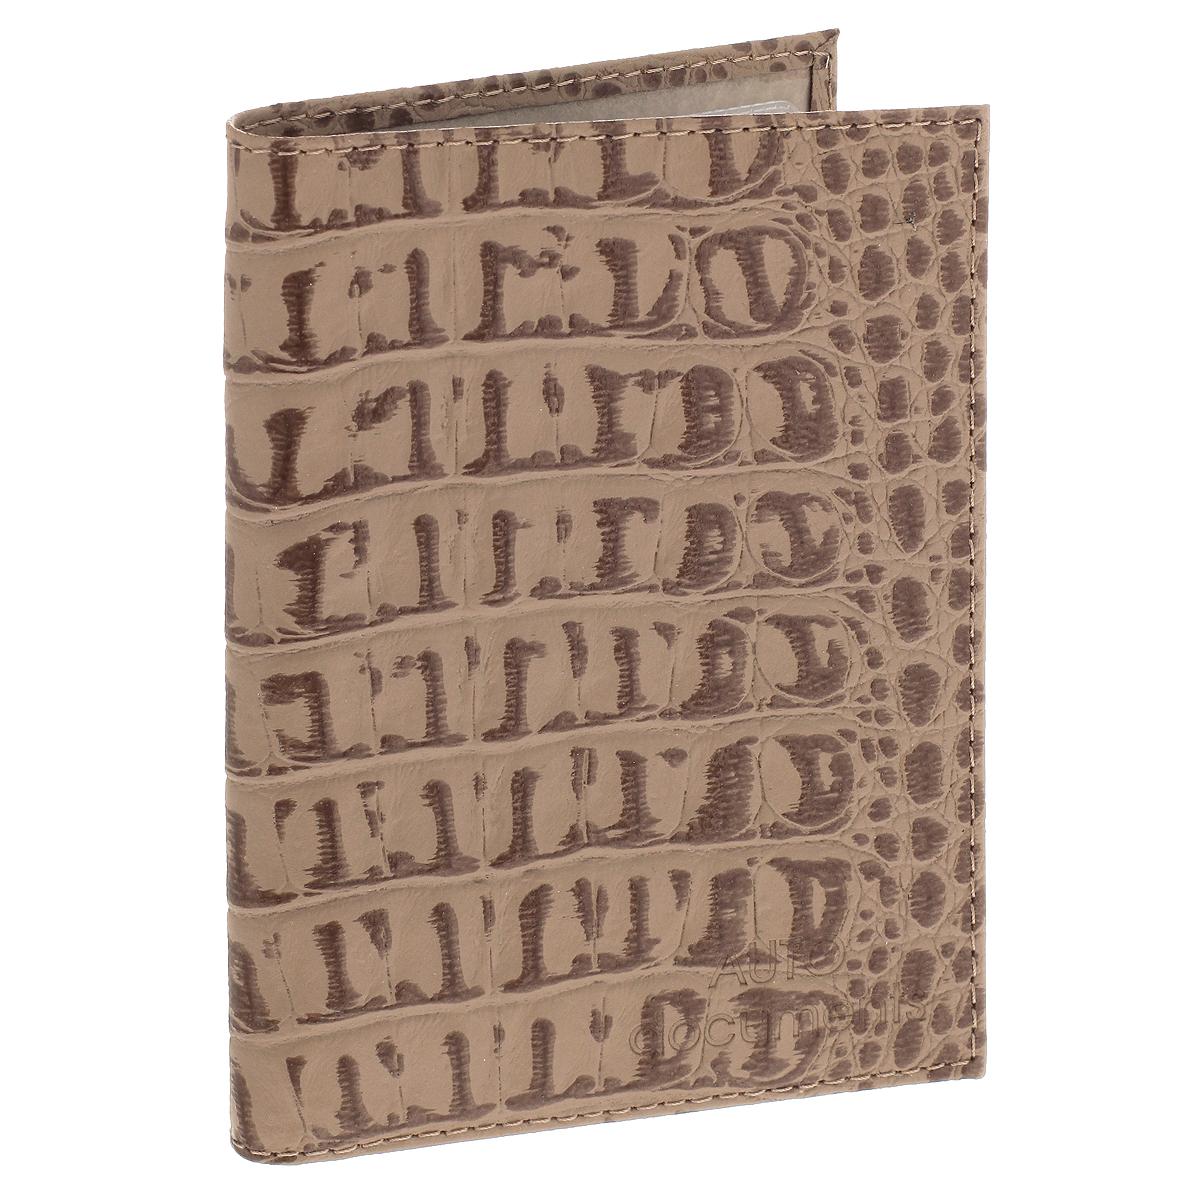 Бумажник водителя Befler, цвет: бежевый. BV.1.-13BV.1.-13. бежевыйЭффектный бумажник водителя Befler изготовлен из натуральной кожи и декорирован тиснением под рептилию. Изделие с обеих сторон дополнено тиснеными надписями. Внутри содержится съемный блок из 6 пластиковых файлов, а также 2 прозрачных боковых кармана. Изделие упаковано в фирменную коробку. Такой бумажник не только защитит ваши документы, но и станет стильным аксессуаром, который прекрасно дополнит образ.